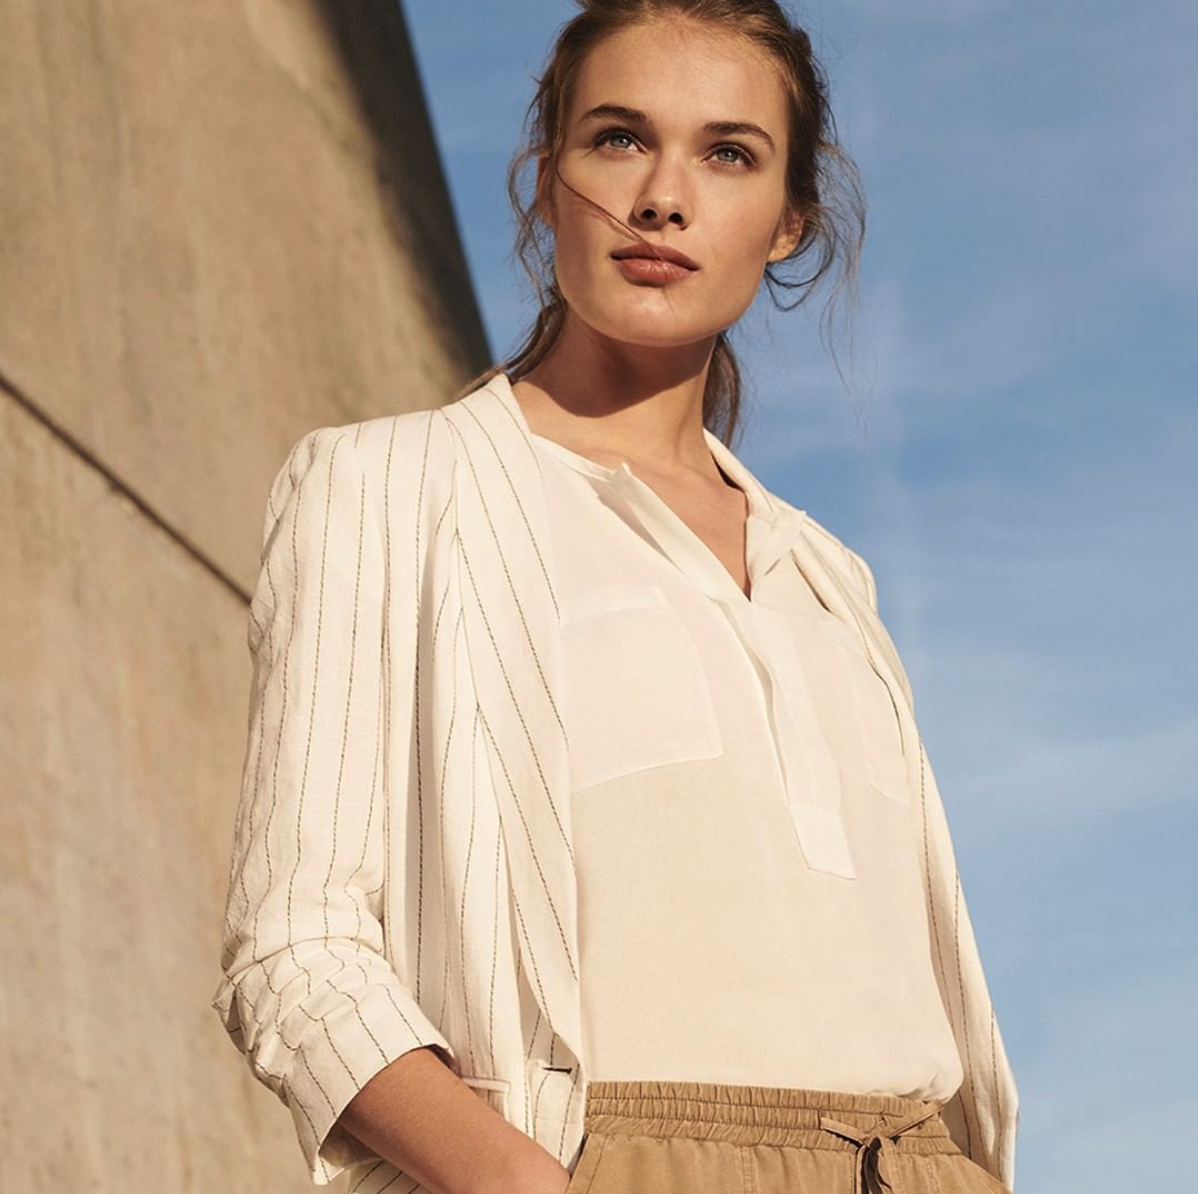 OPUS - Feminine Looks finden Sie bei Opus, einer Marke, die ihre Mode mit viel Liebe zum Detail gestaltet. Elegante Blusen mit lockerem Schnitt gibt es in verschiedensten Ausführungen. Dazu bietet die Marke Blazer, Cardigans und Strickjacken an. Bequeme und zugleich professionell wirkende Stoffhosen sind die perfekte Kombination zu den Oberteilen. Wenn Sie feminine und elegante Outfits für das Büro suchen, werden Sie hier fündig.